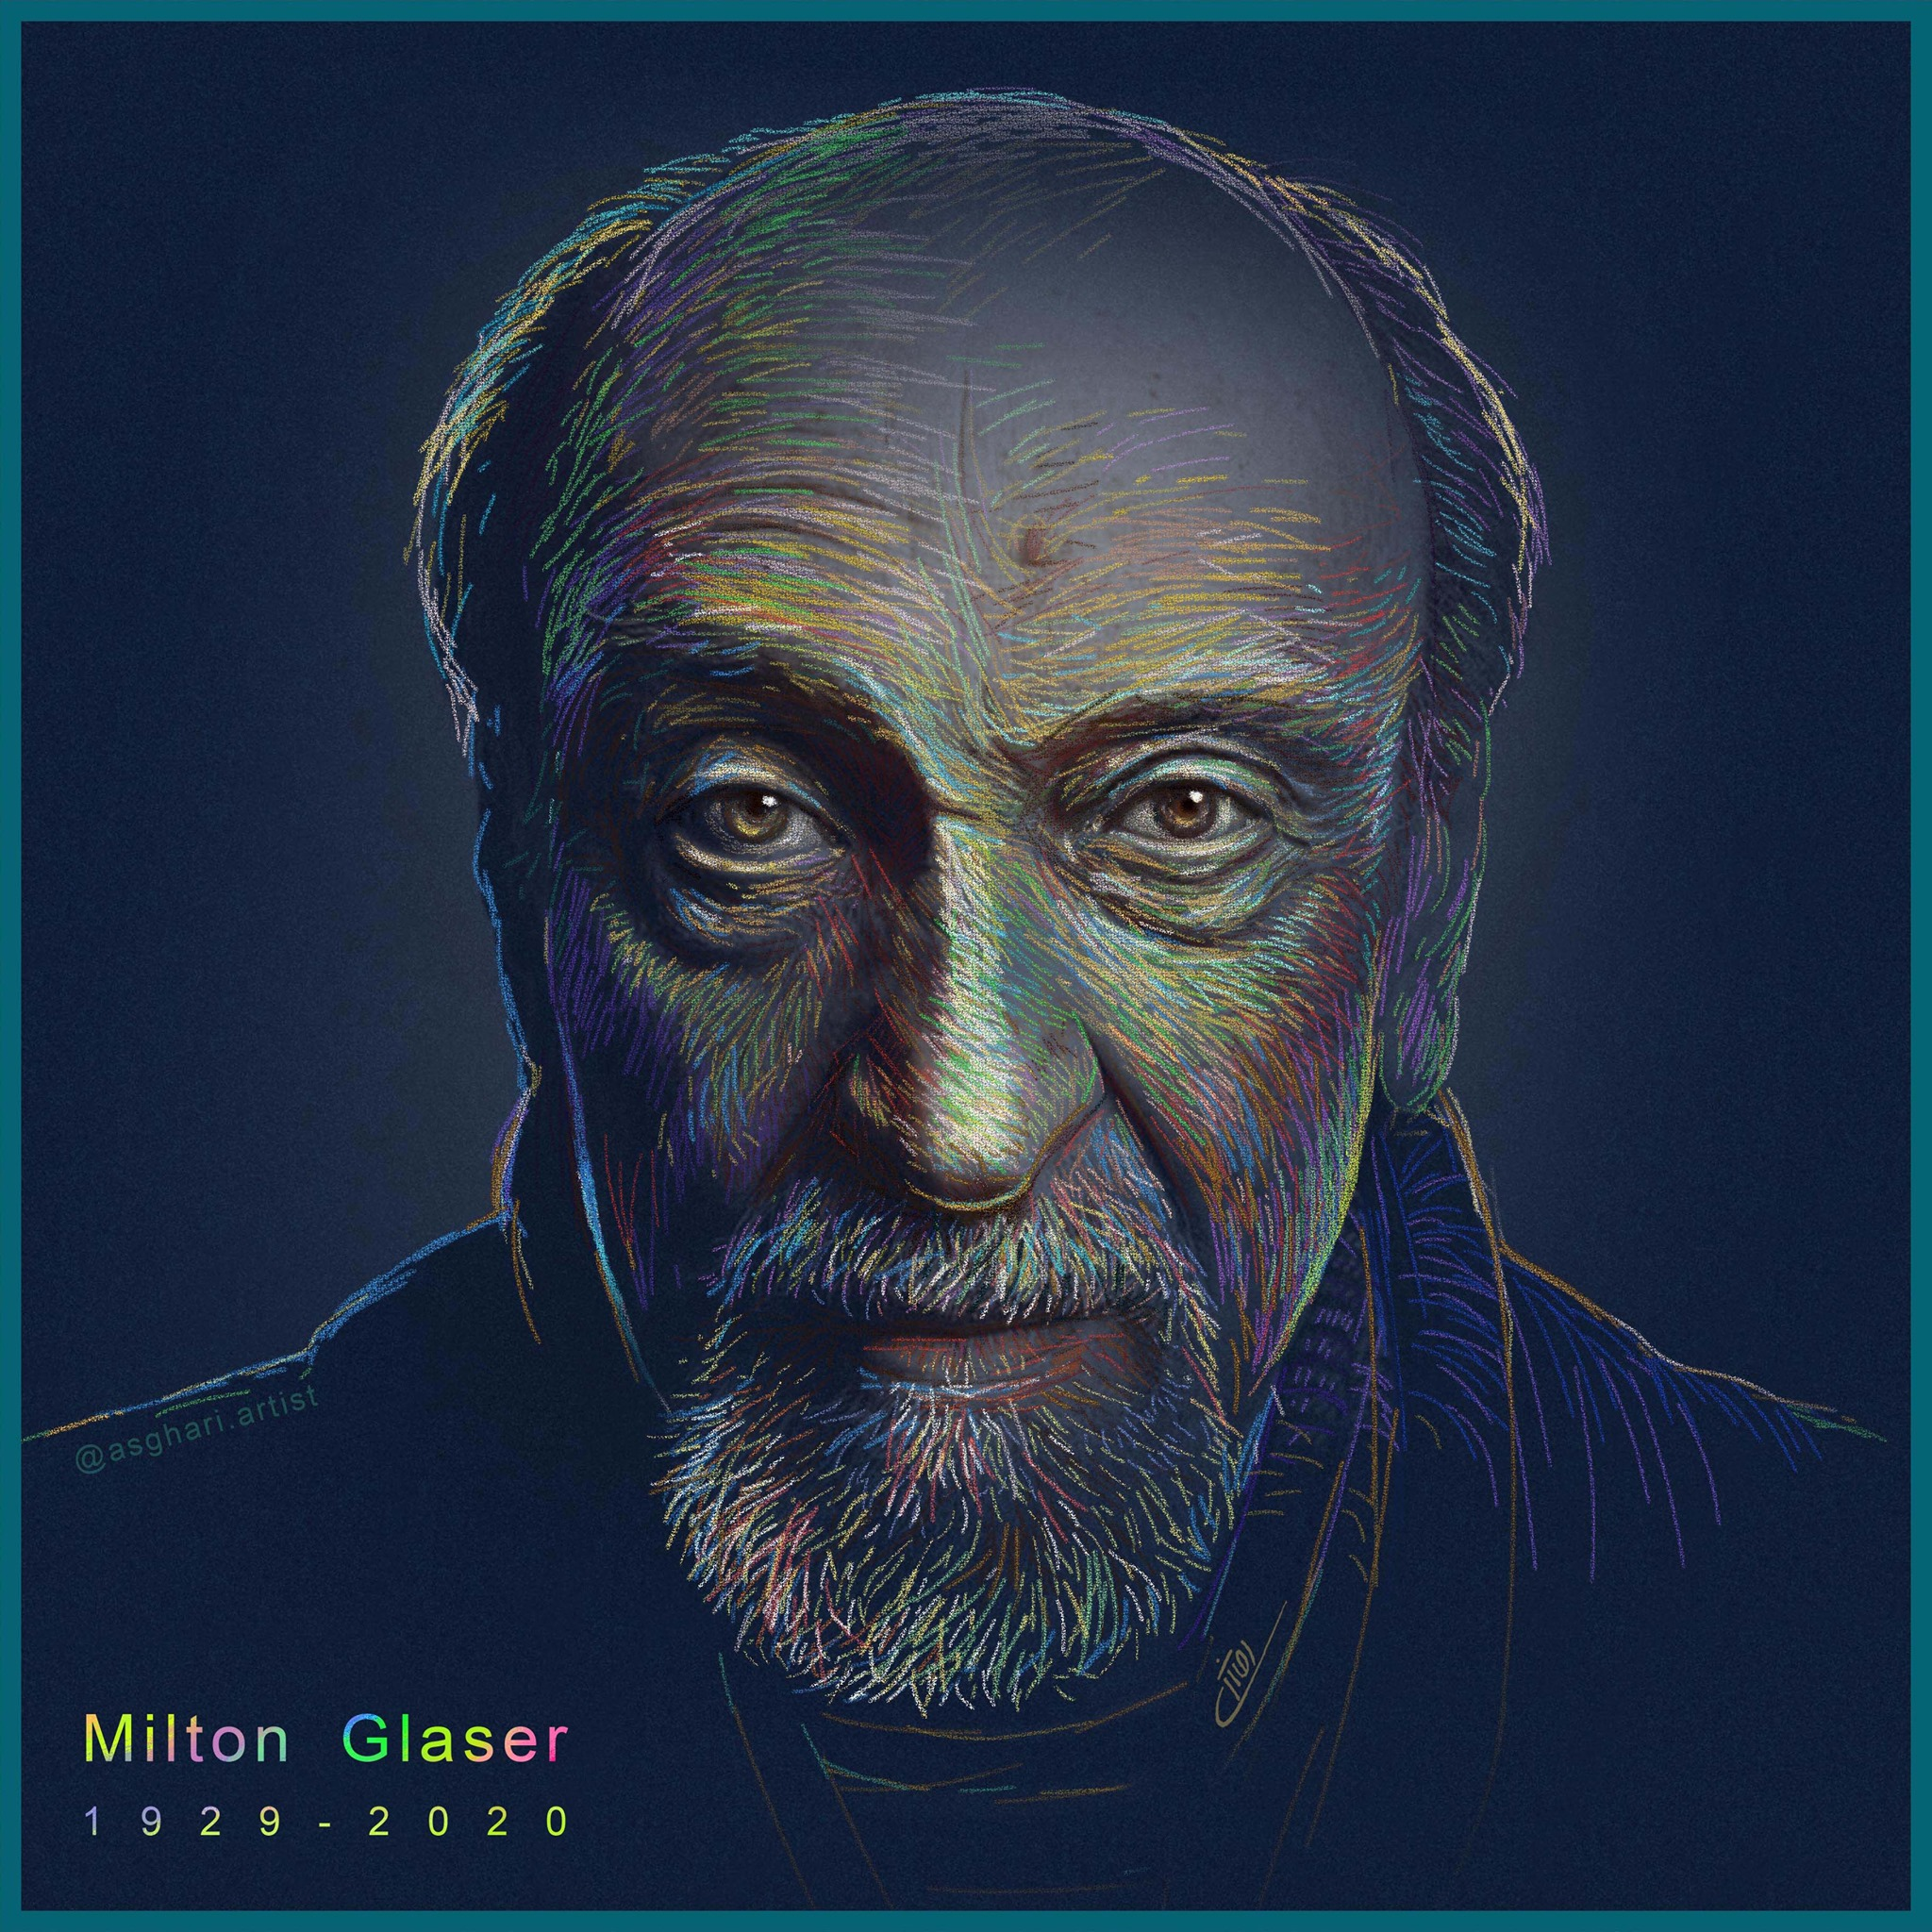 Kheyrollah Asghari - Дизайнеры всего мира вспоминают Милтона Гейзера